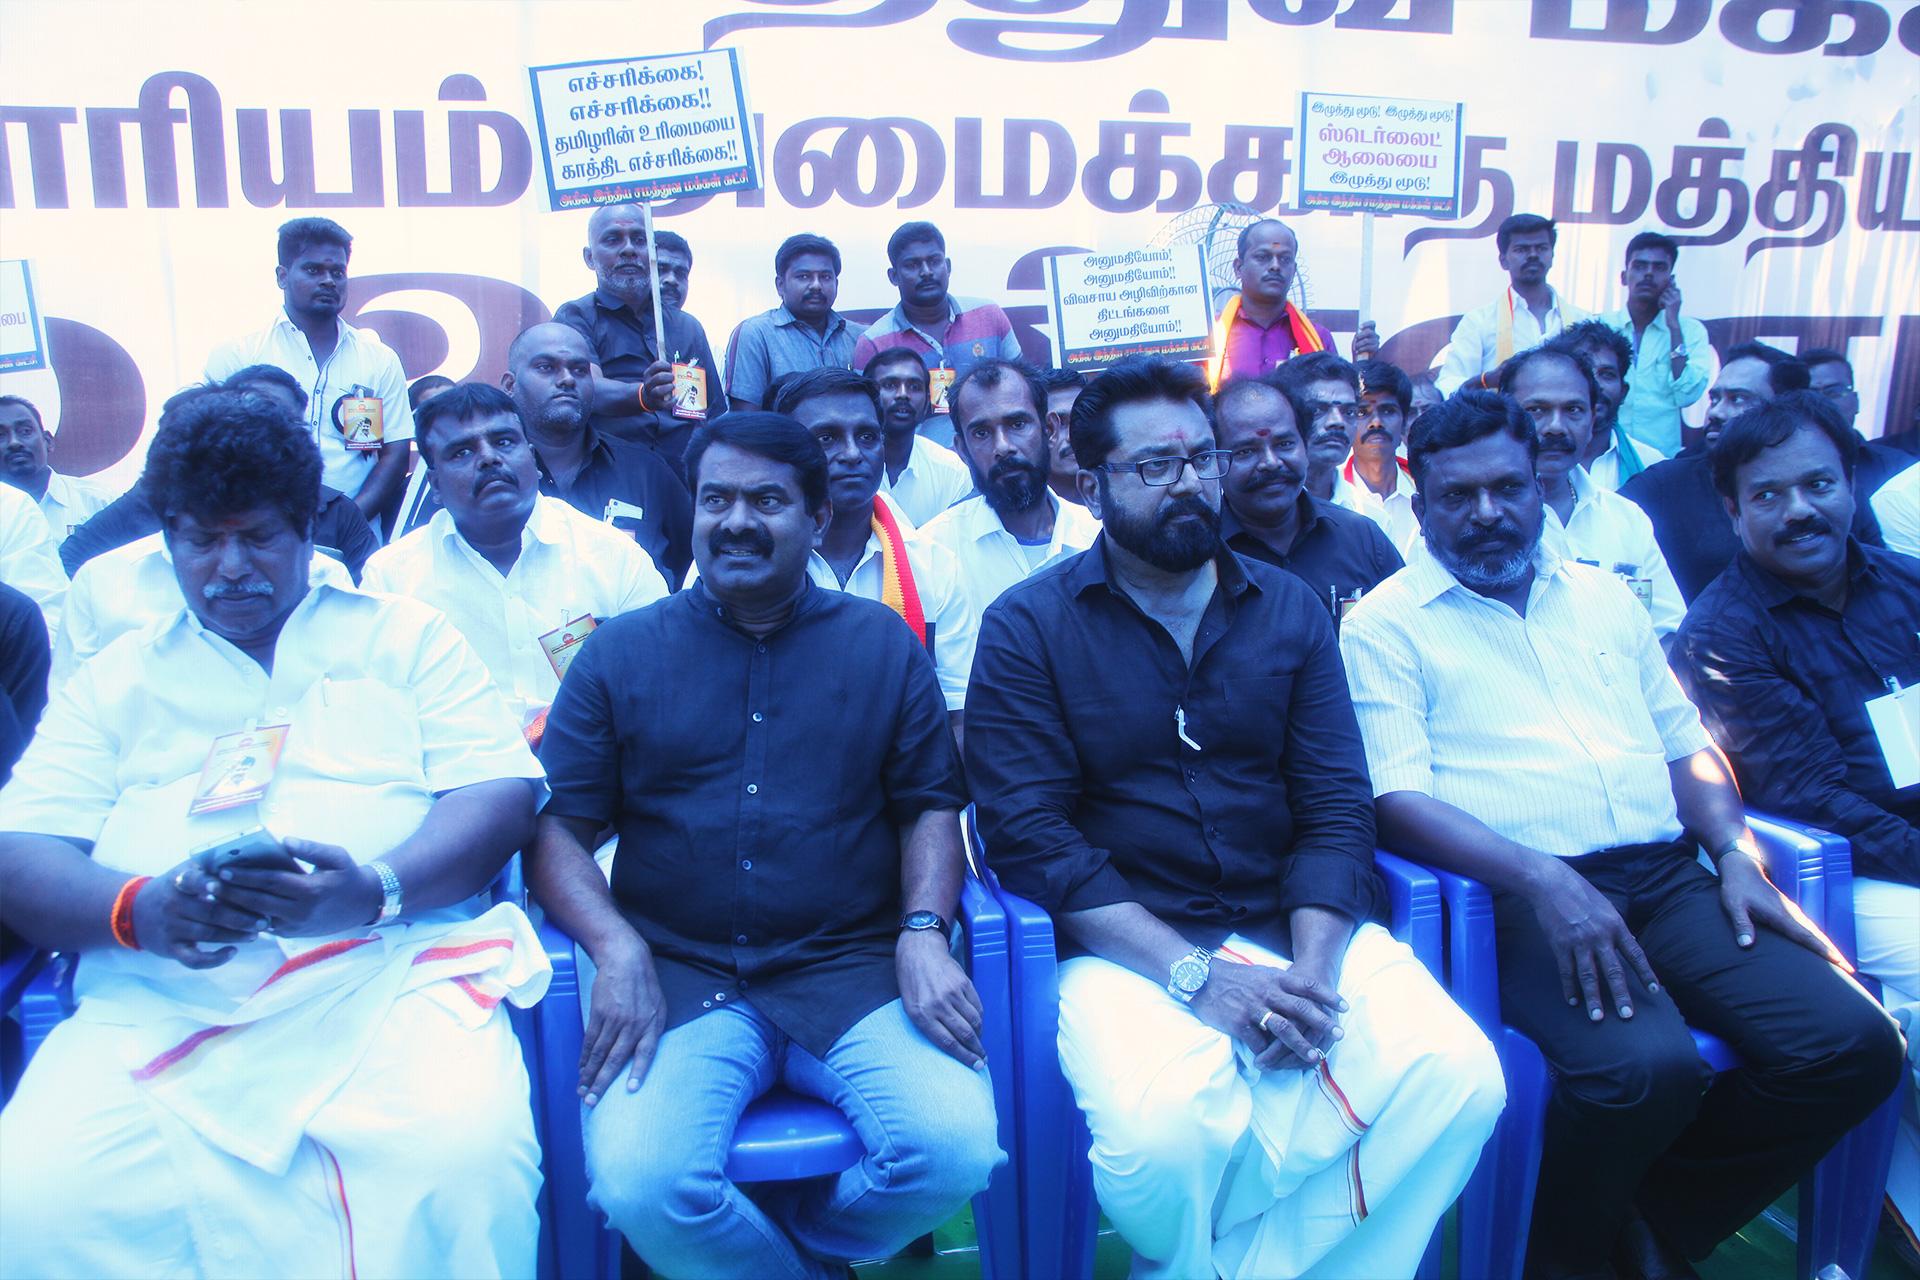 காவிரி மேலாண்மை அமைக்கக்கோரி சரத்குமார் போராட்டம் – சீமான் கண்டனவுரை naam tamilar katchi seeman speech sarathkumar protest thirumavalavan cauvery sterlite chennai 6